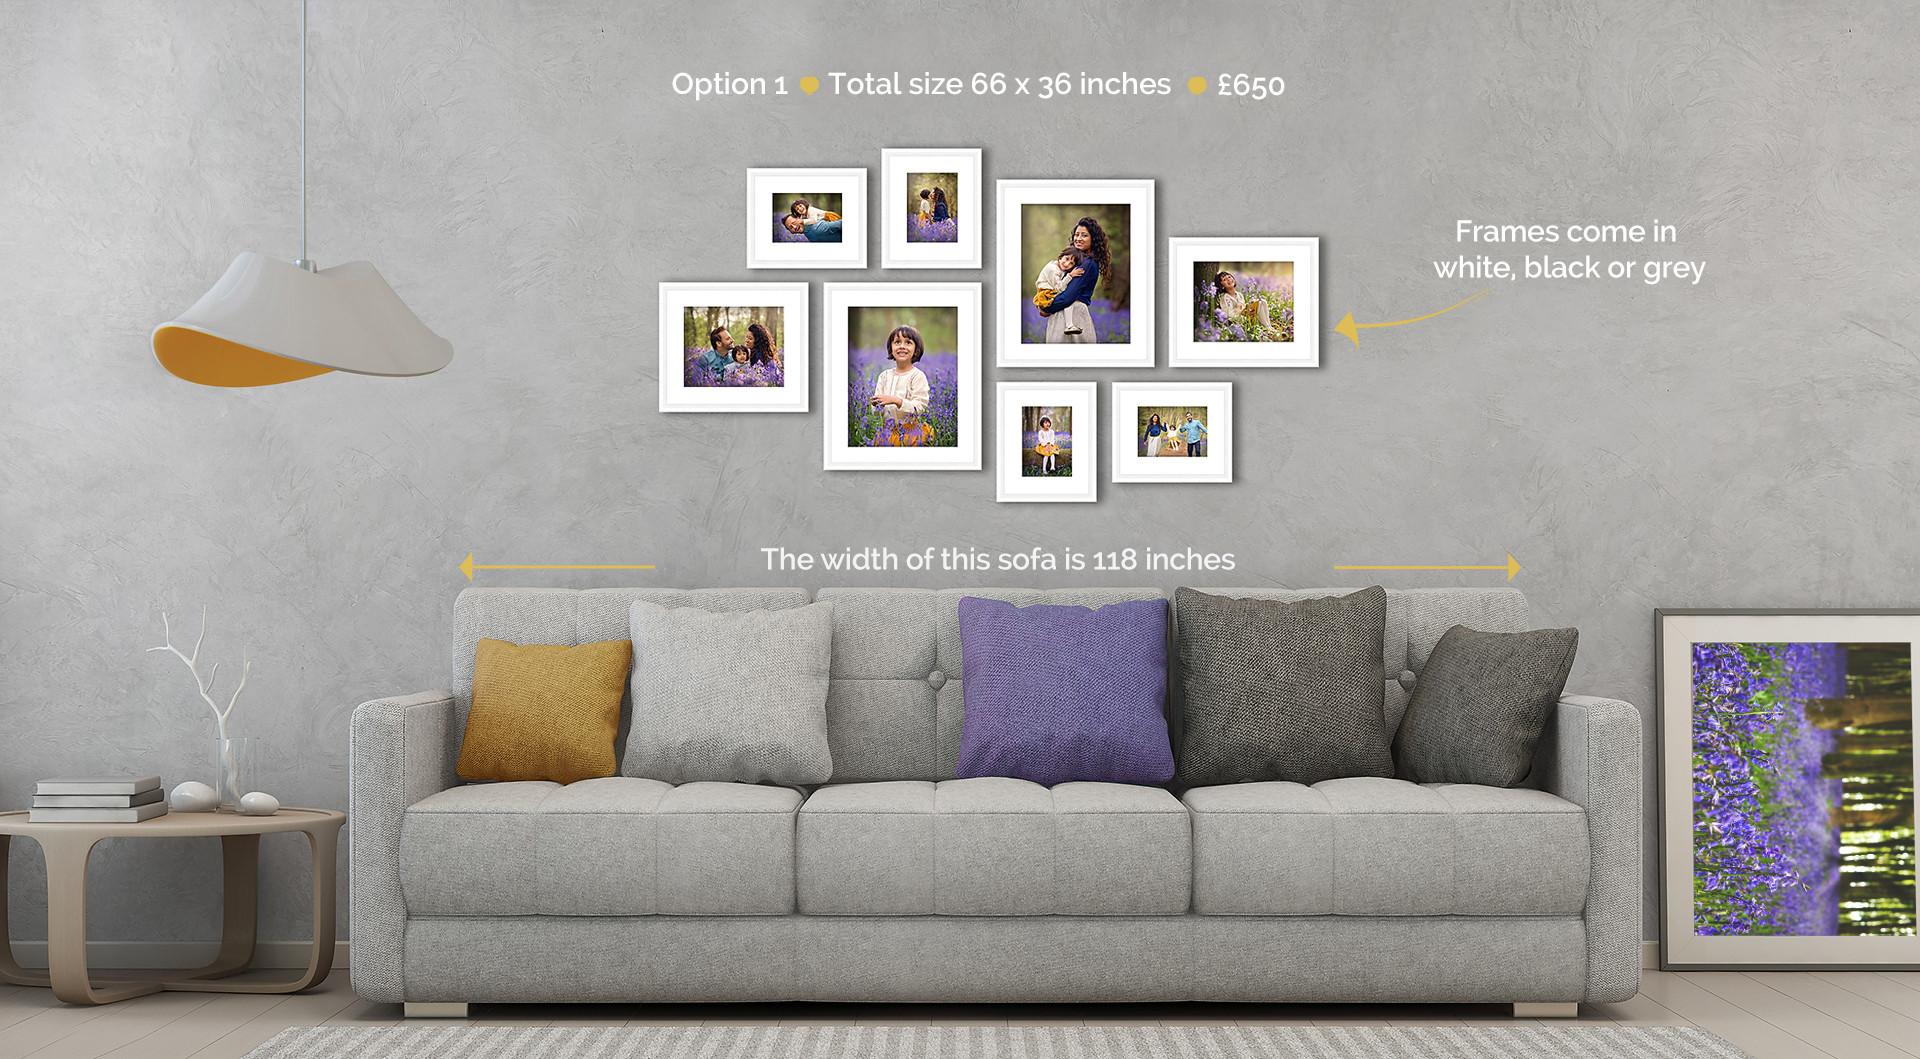 Frame-gallery-option-1.jpg